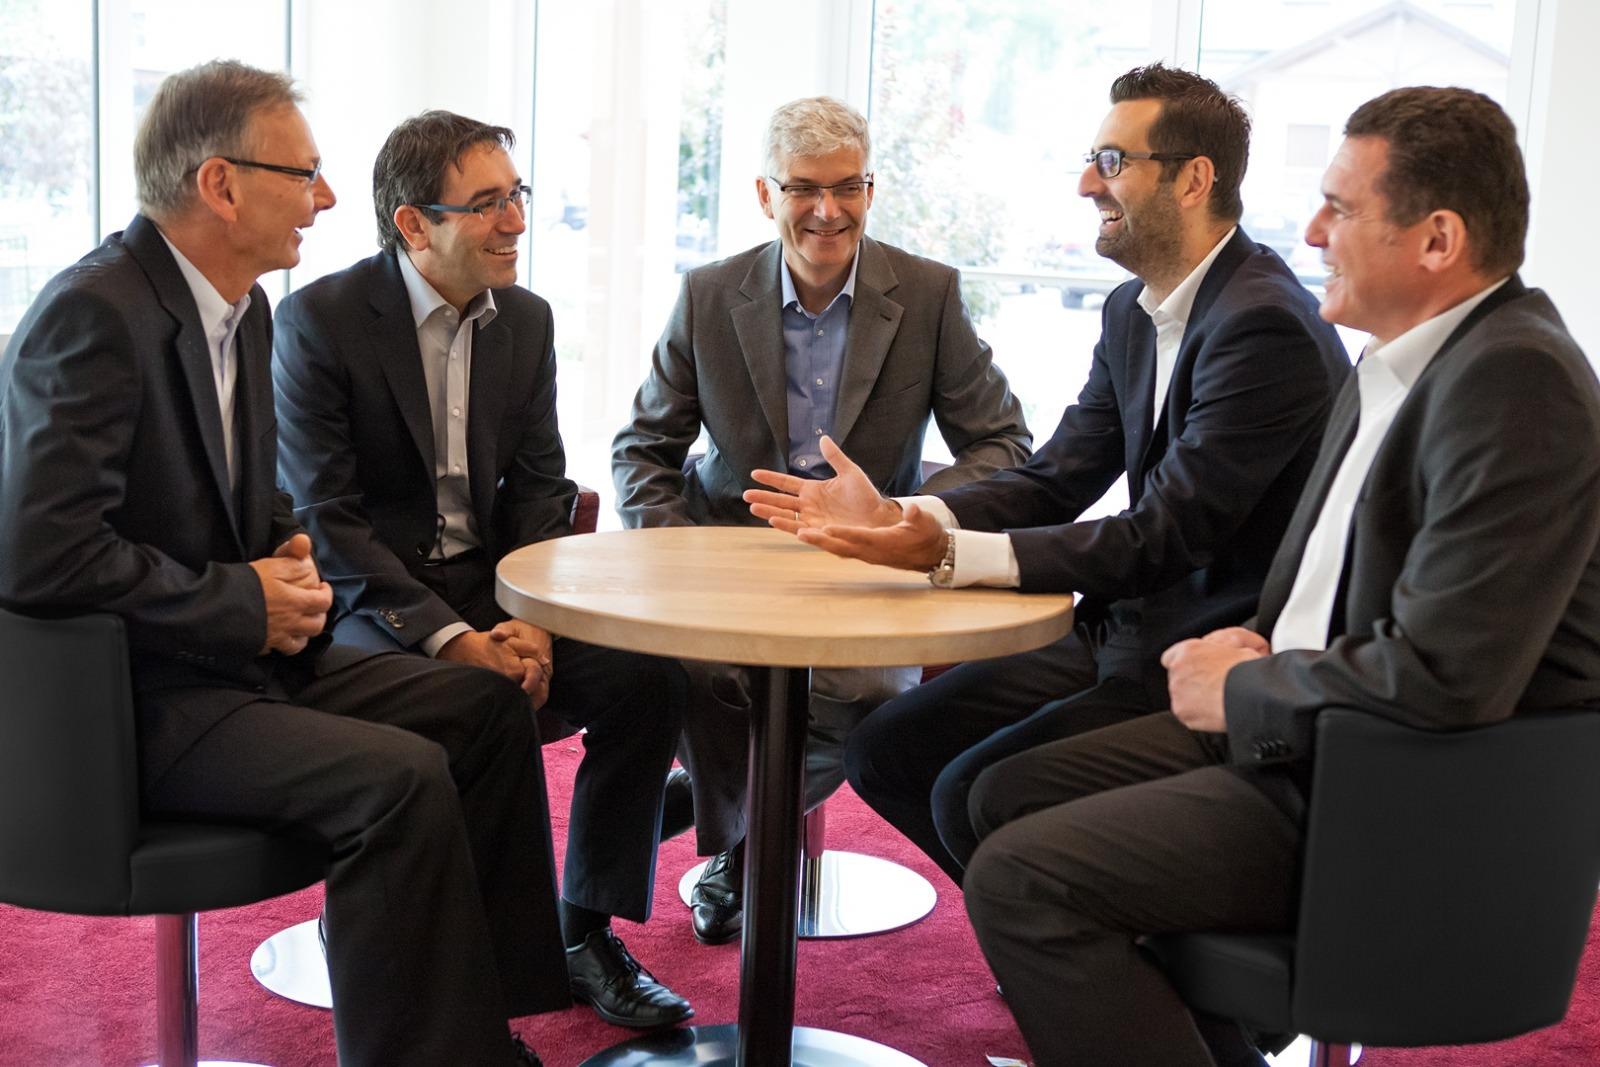 Foto Eugen Blaski, Mathias Nauerth, Bernhard Scheller, Florian Klein, Jürgen Kutzer